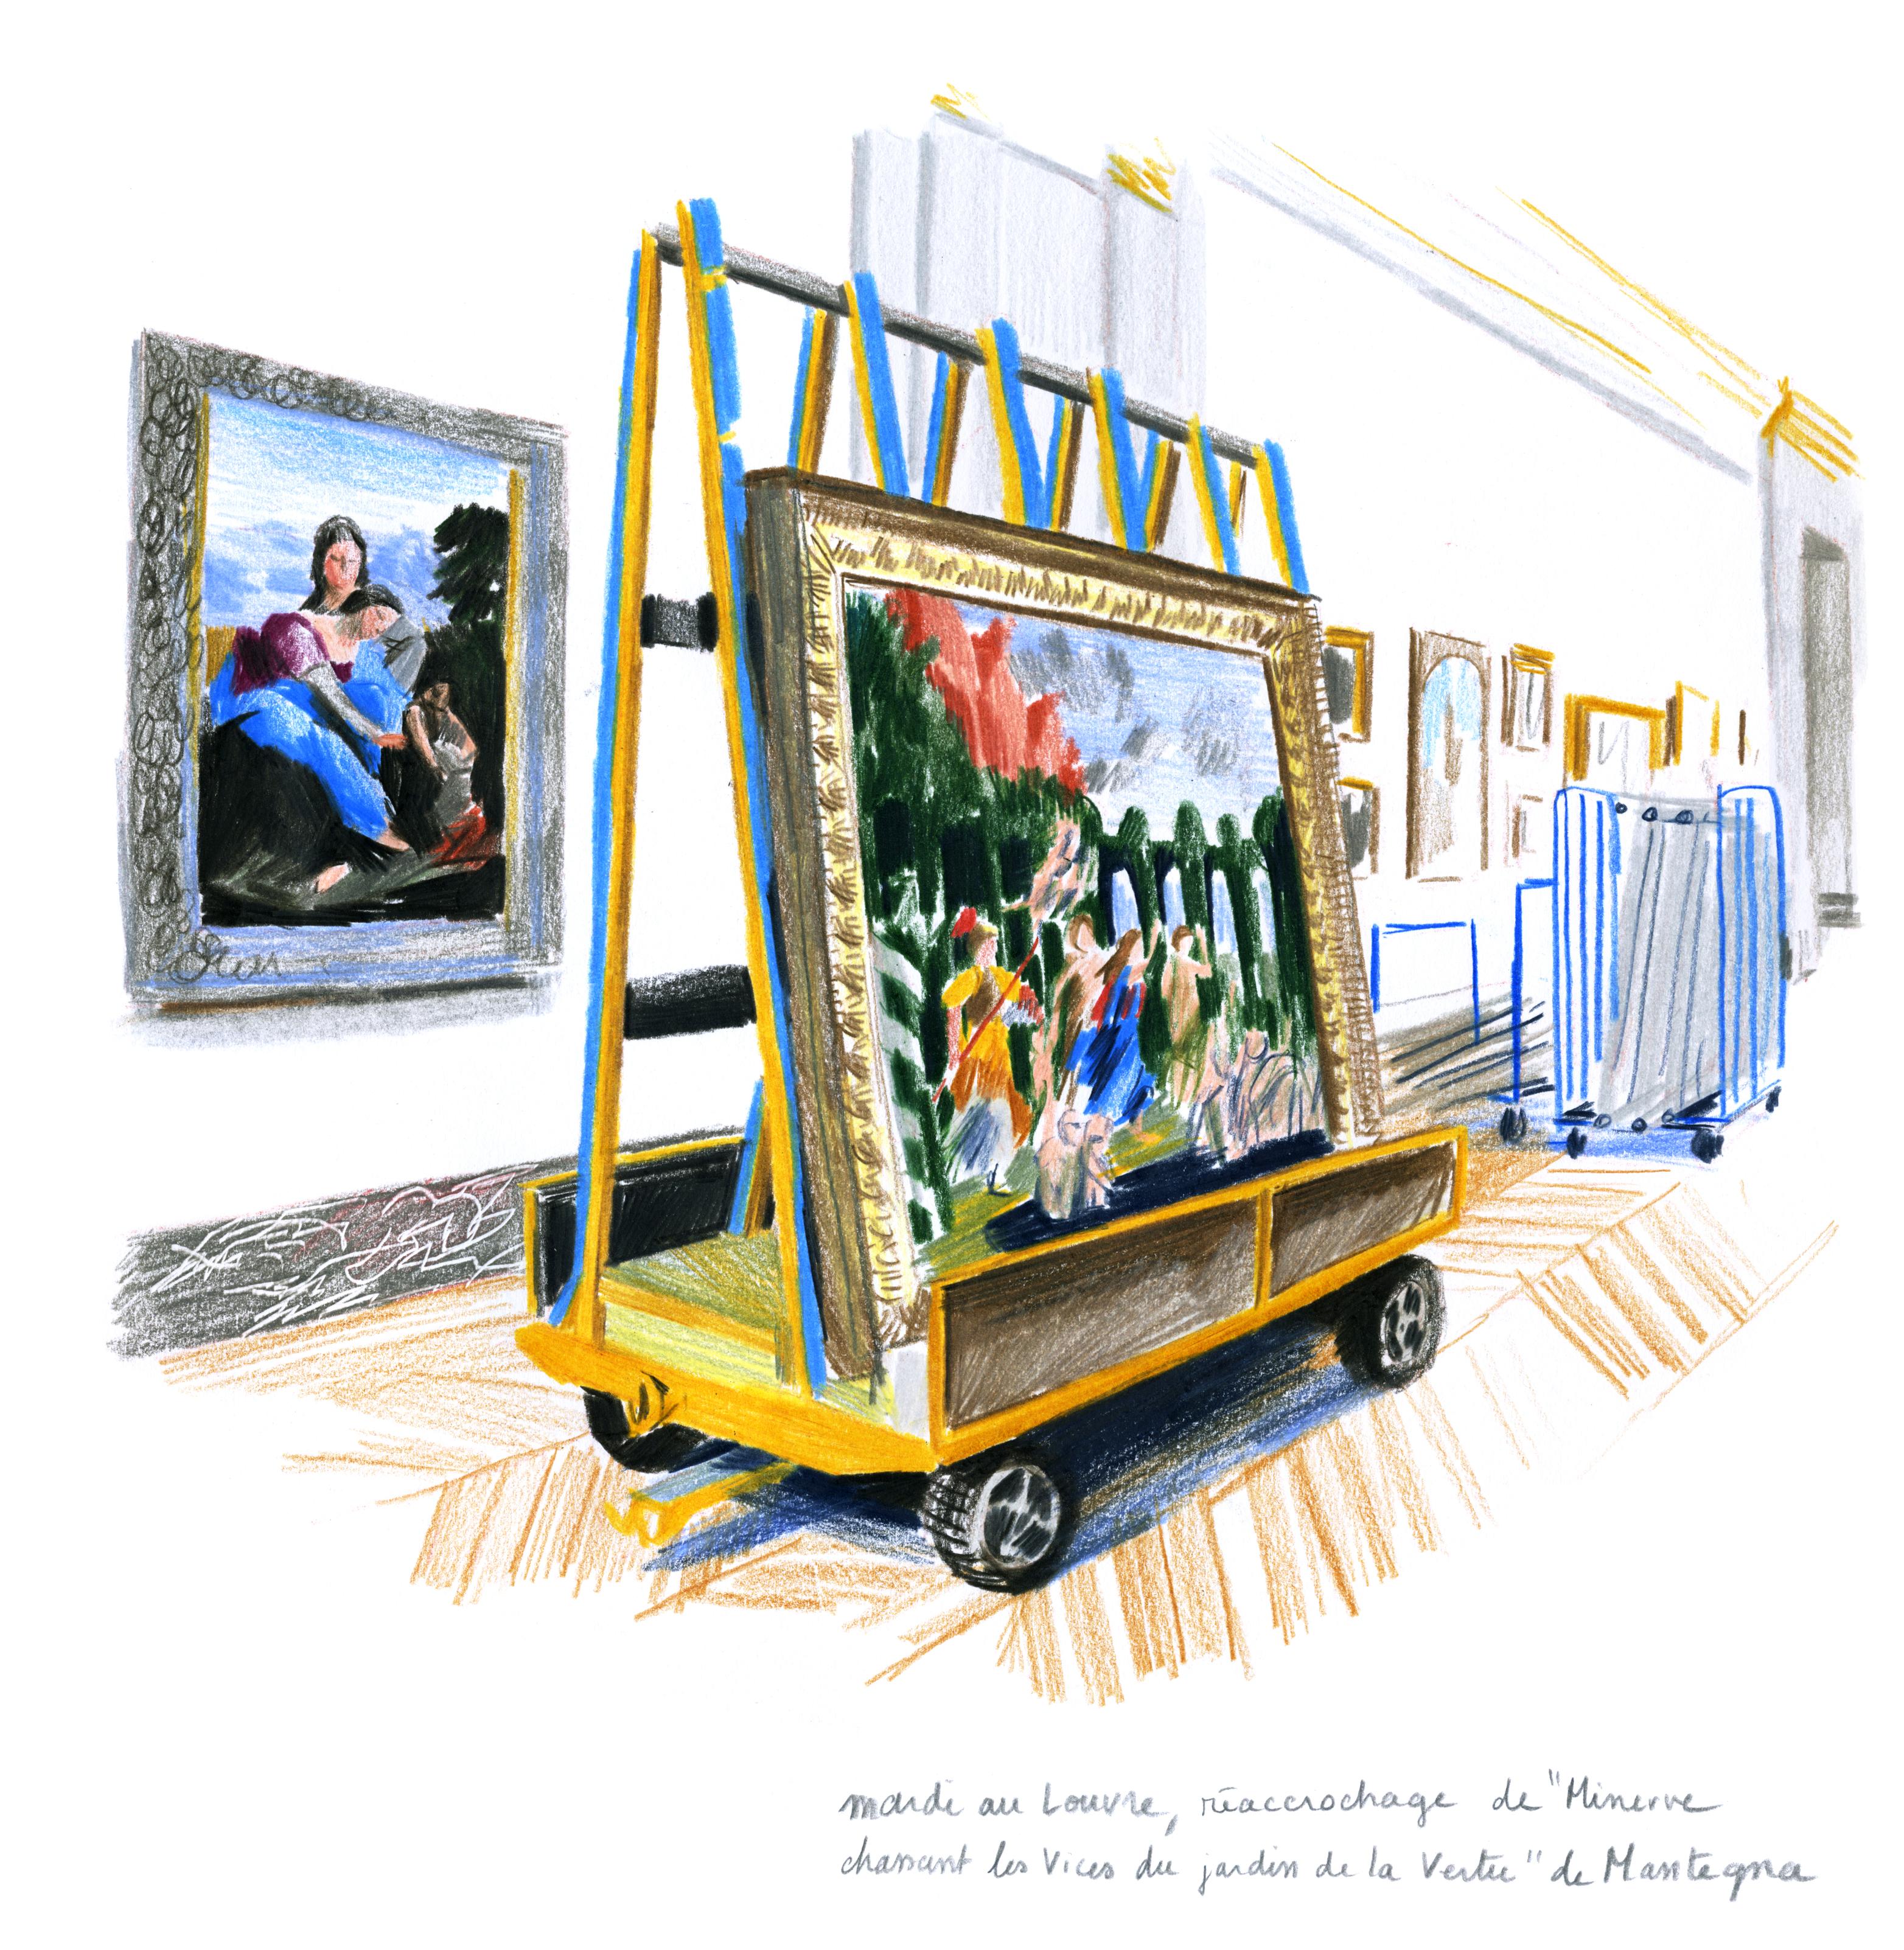 Réaccrochage d'un Mantegna dans la grande Galerie | GALERIE TREIZE-DIX I LUCILE PIKETTY | Réaccrochage d'un Mantegna dans la grande Galerie